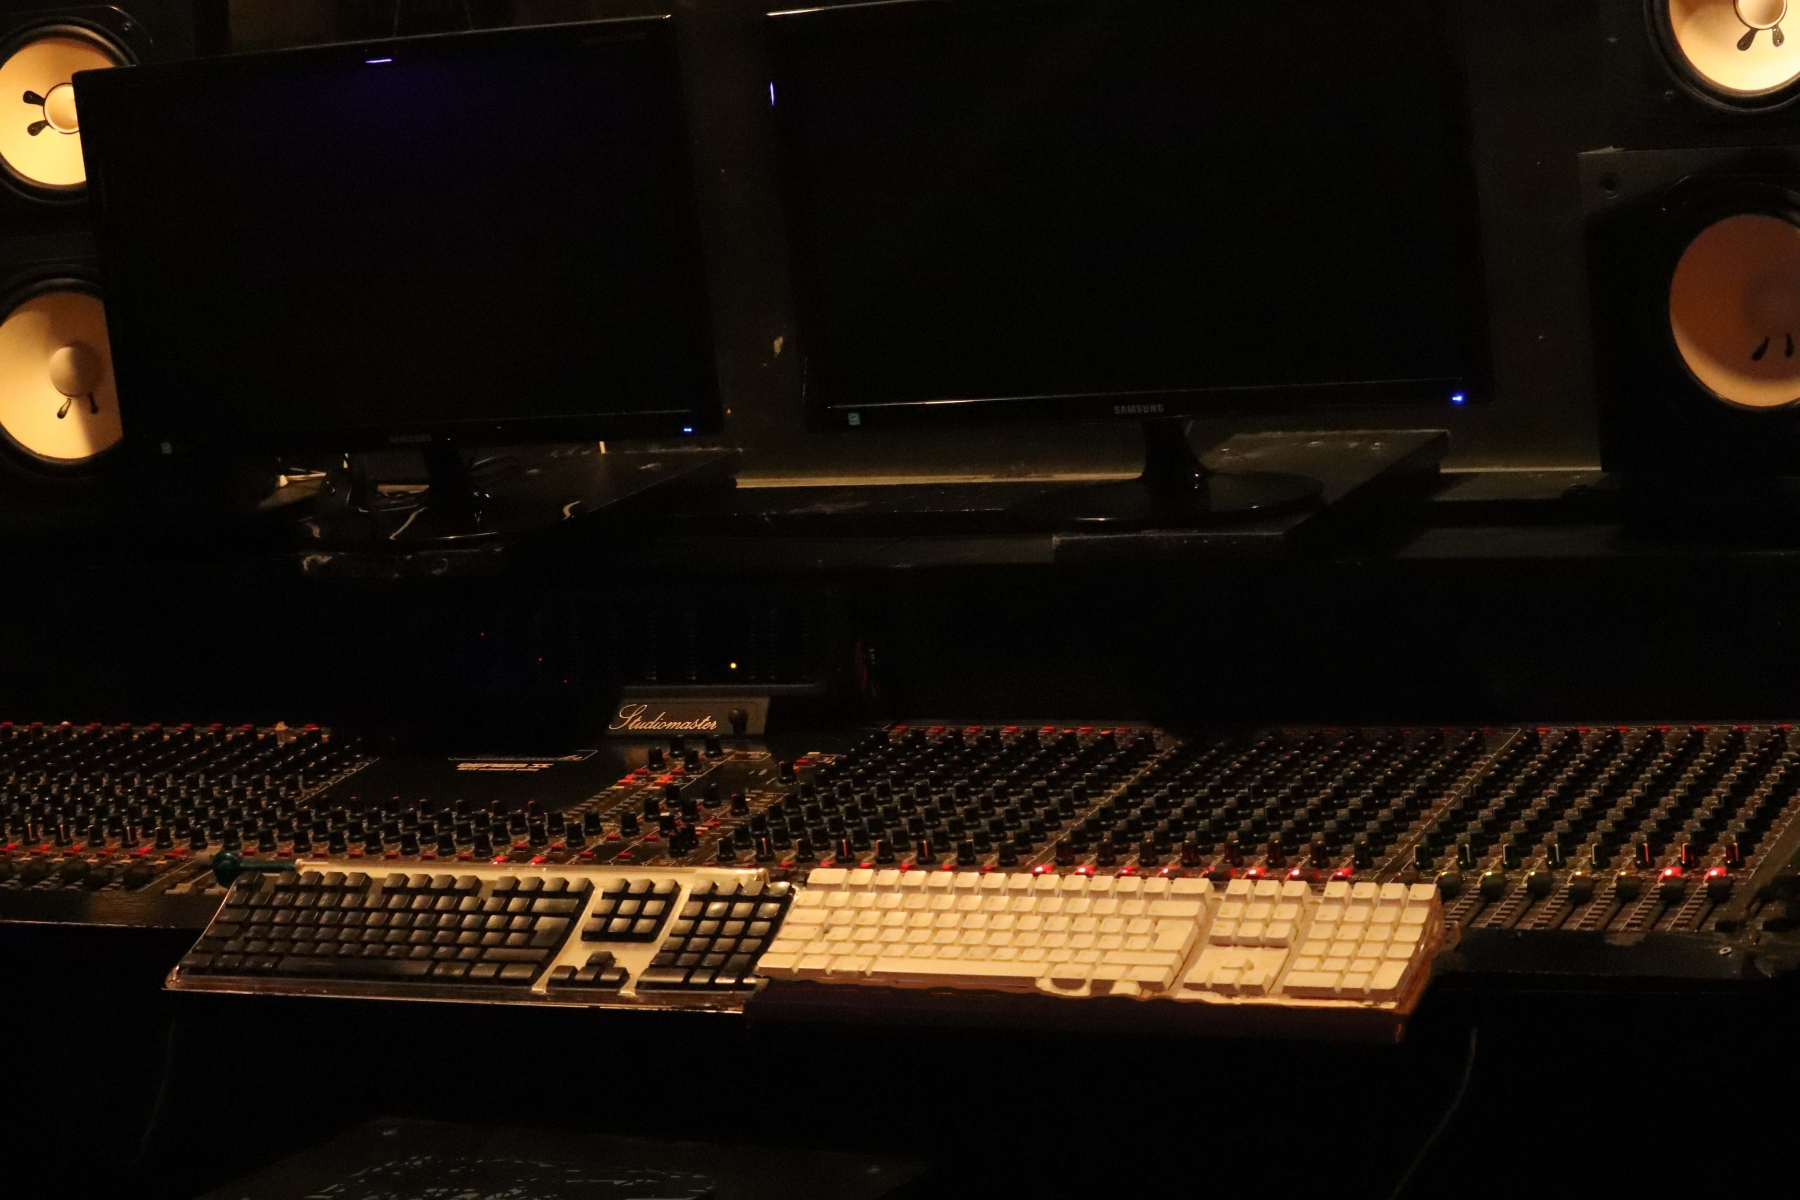 mixer-2-edit-1202